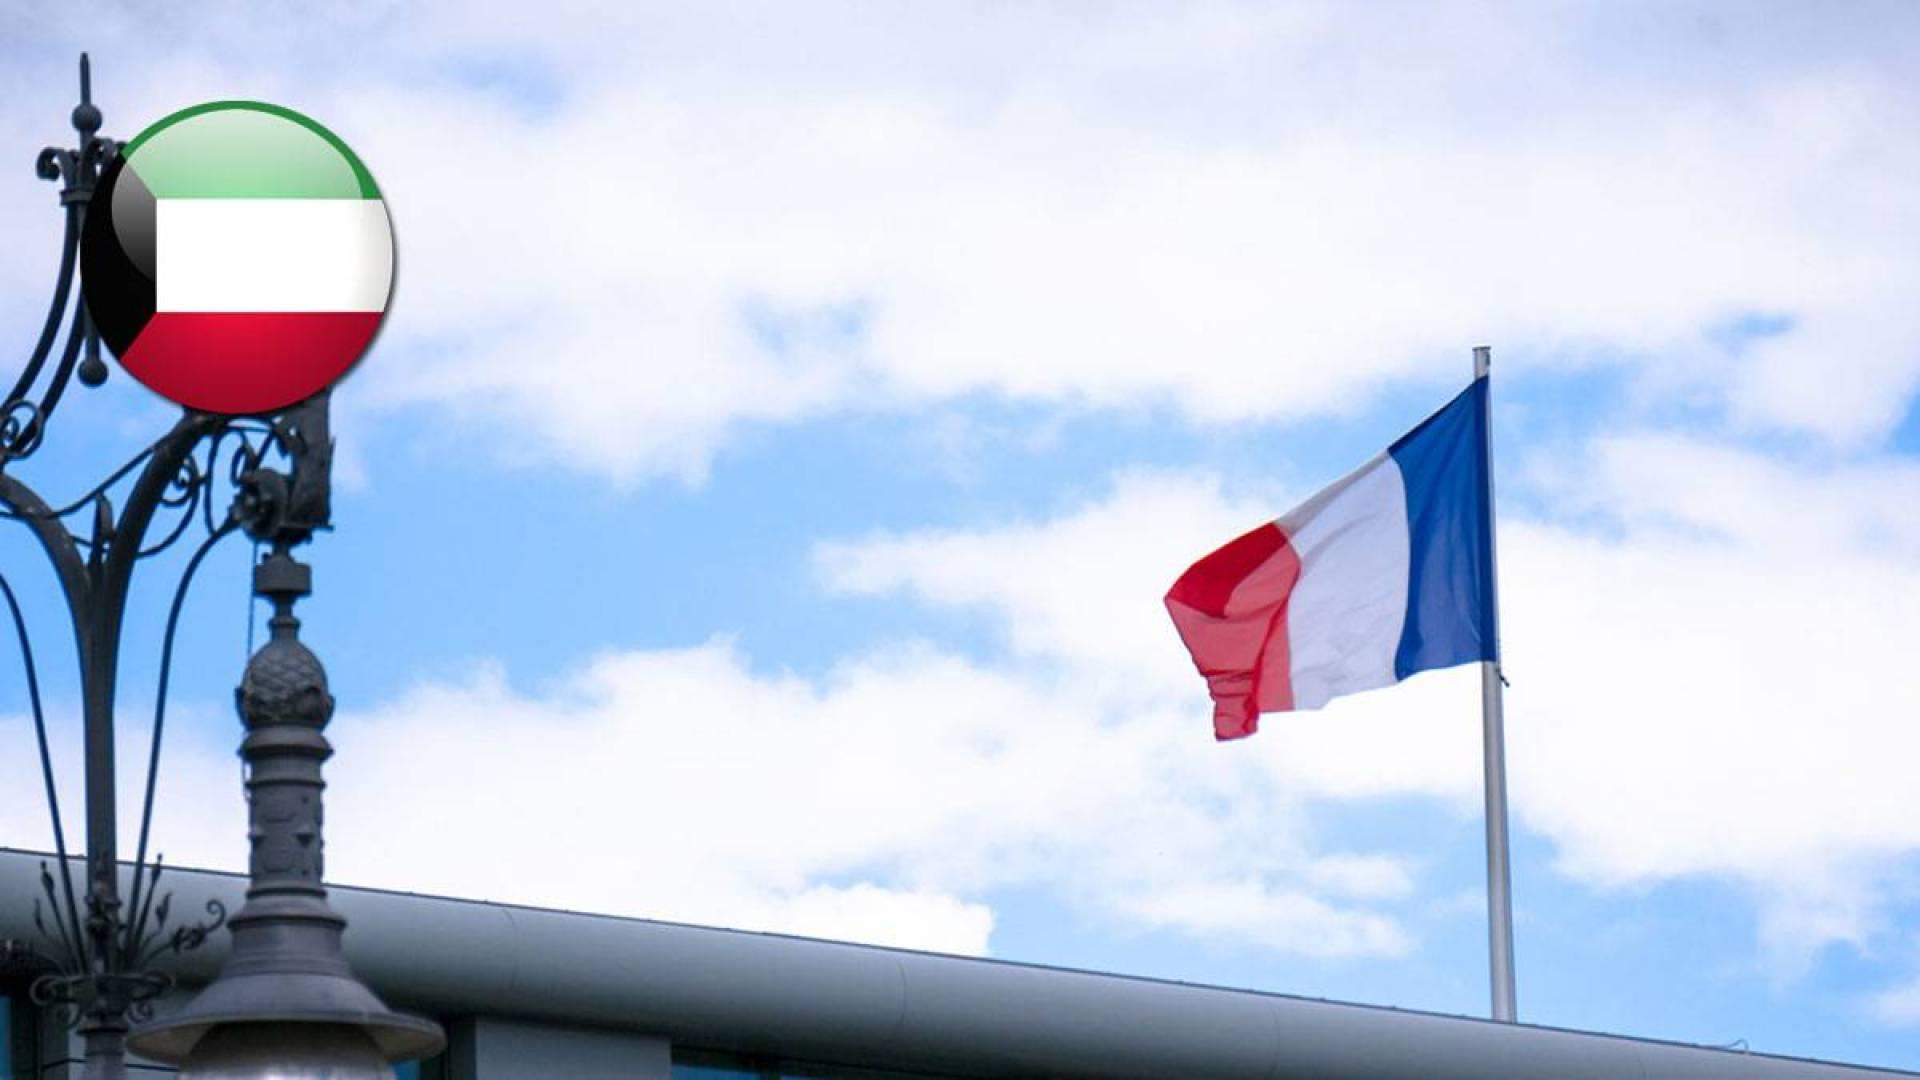 السفارة الفرنسية لدى البلاد لمواطنيها: توخوا الحذر.. وابتعدوا عن التجمعات